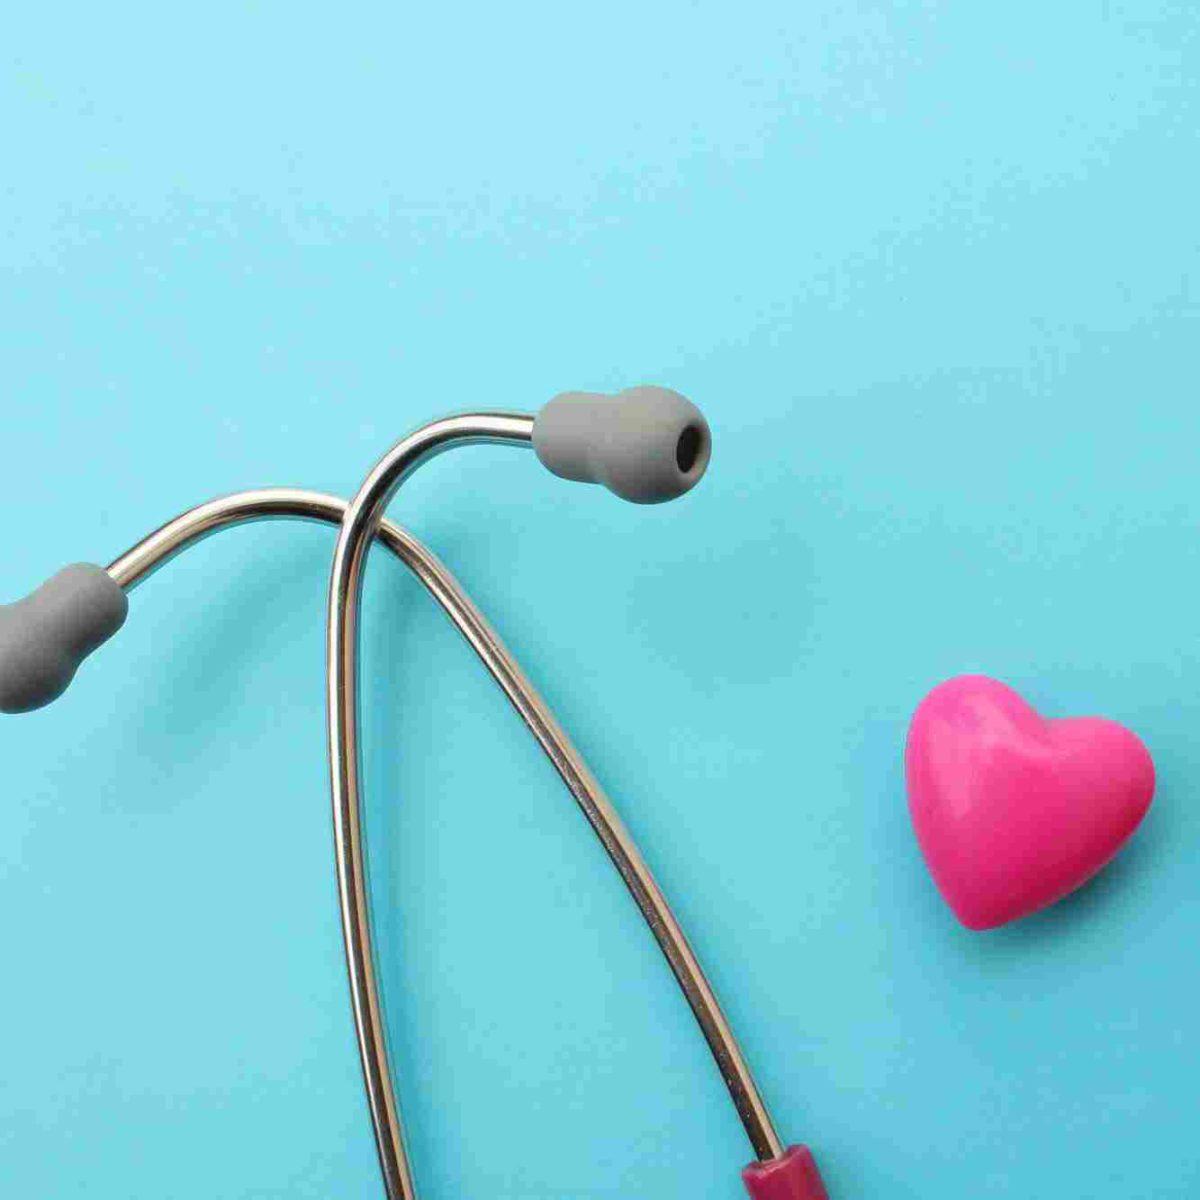 http://www.chiropracteur-plaisance.fr/wp-content/uploads/2015/12/srce-i-stetoskop-1200x1200.jpg